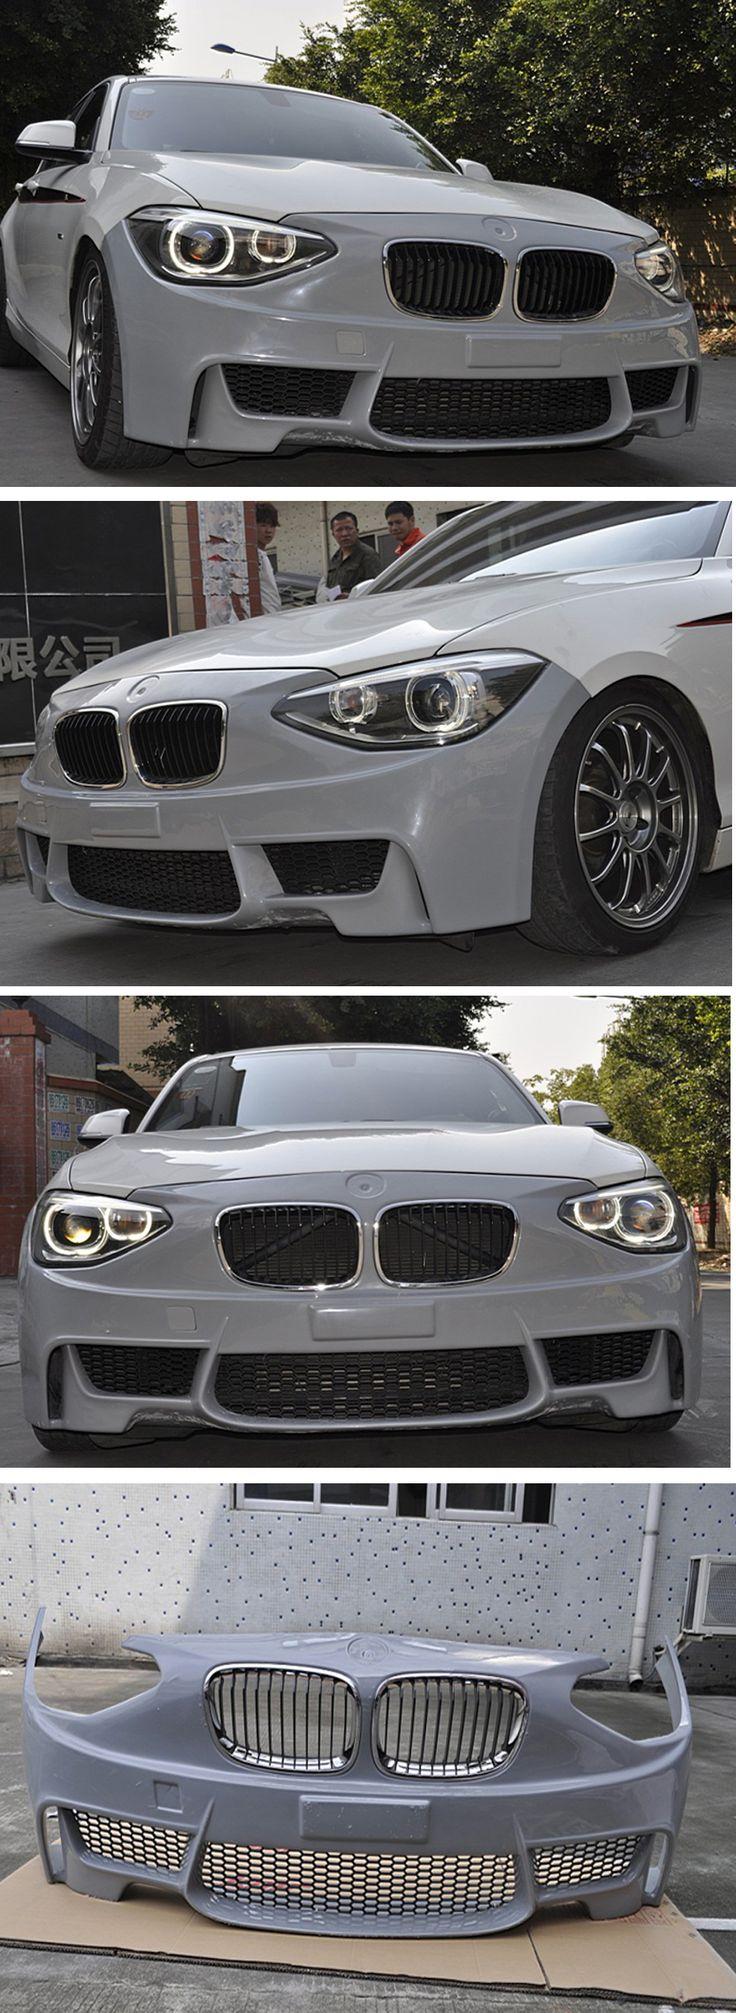 BMW 3 Series bmw 128i body kit 57 best BMW Body kit images on Pinterest | Body kits, Bmw 1 series ...